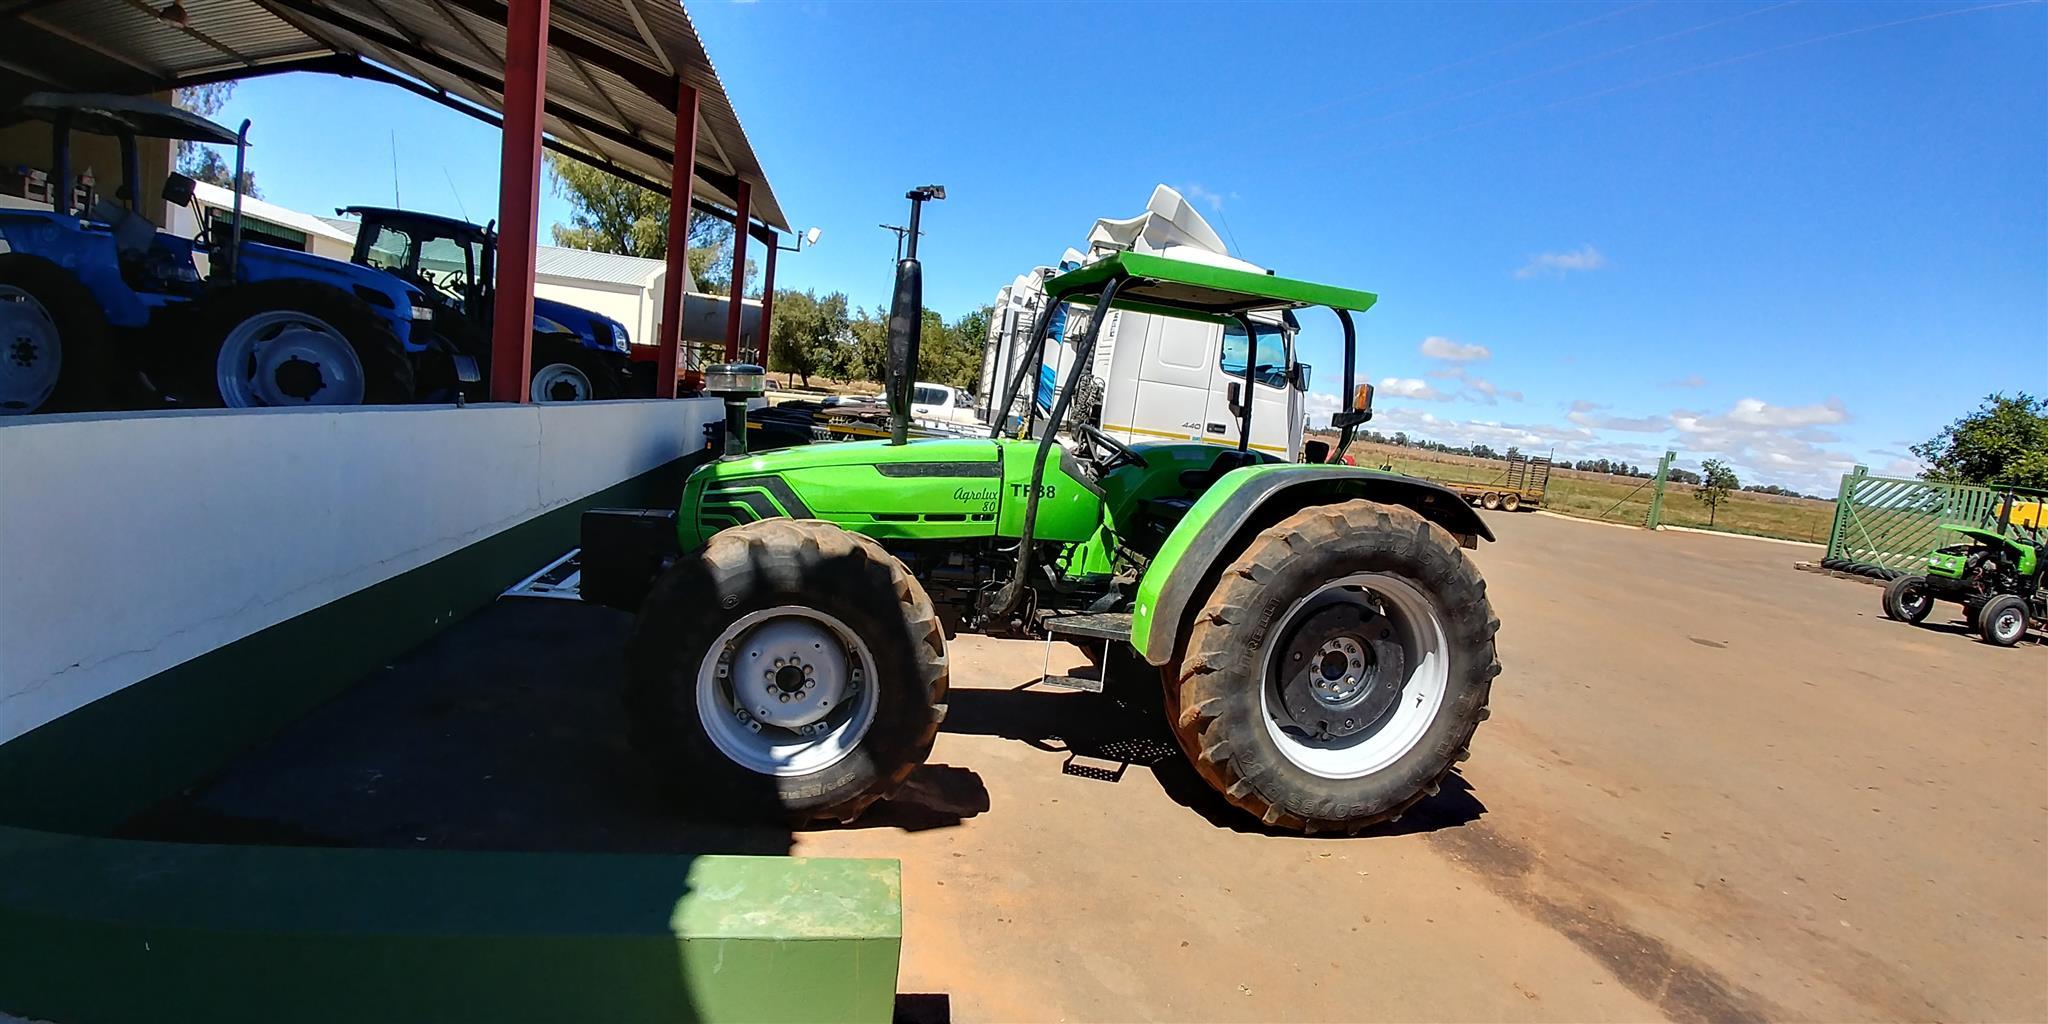 2007 Deutz Agrolux 80 4x4 Tractor